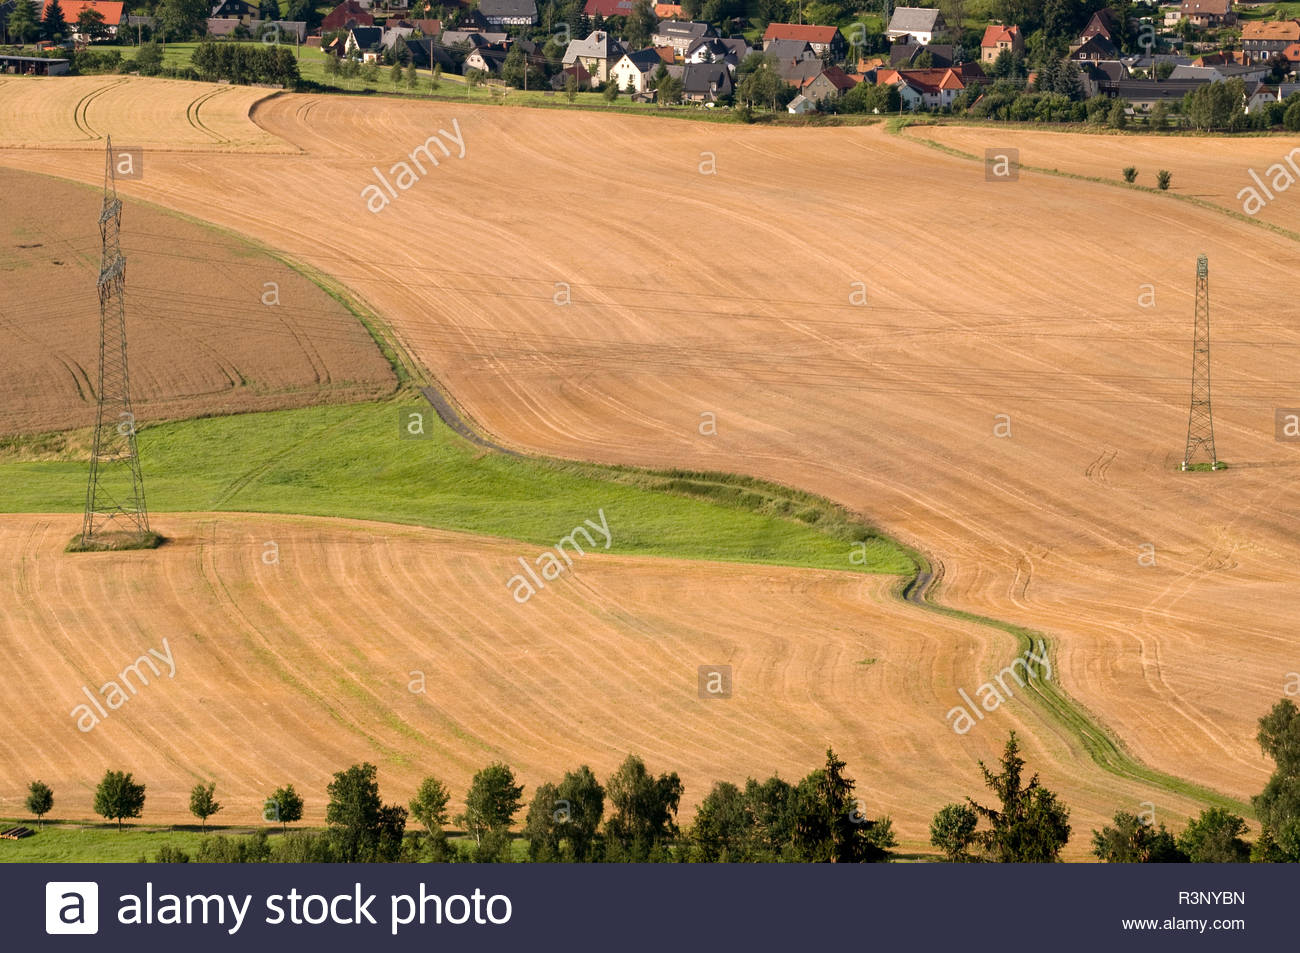 Feld mit Strommasten und einem Feldweg vor Häusern - Stock Image